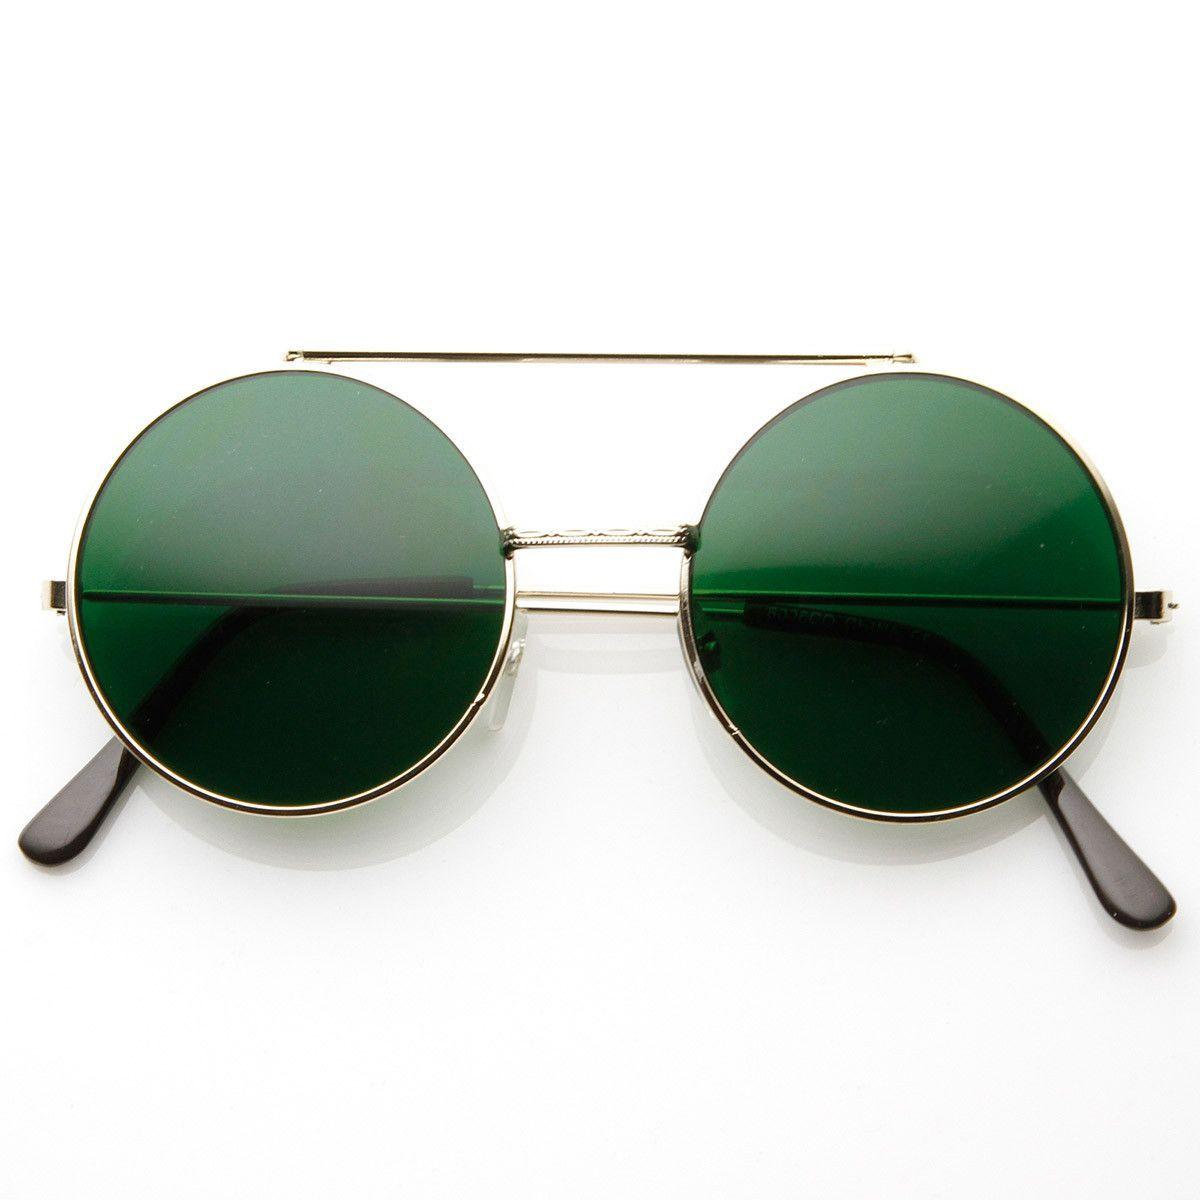 Ray ban sunglasses circle - Limited Edition Color Flip Up Lens Round Circle Django Sunglasses